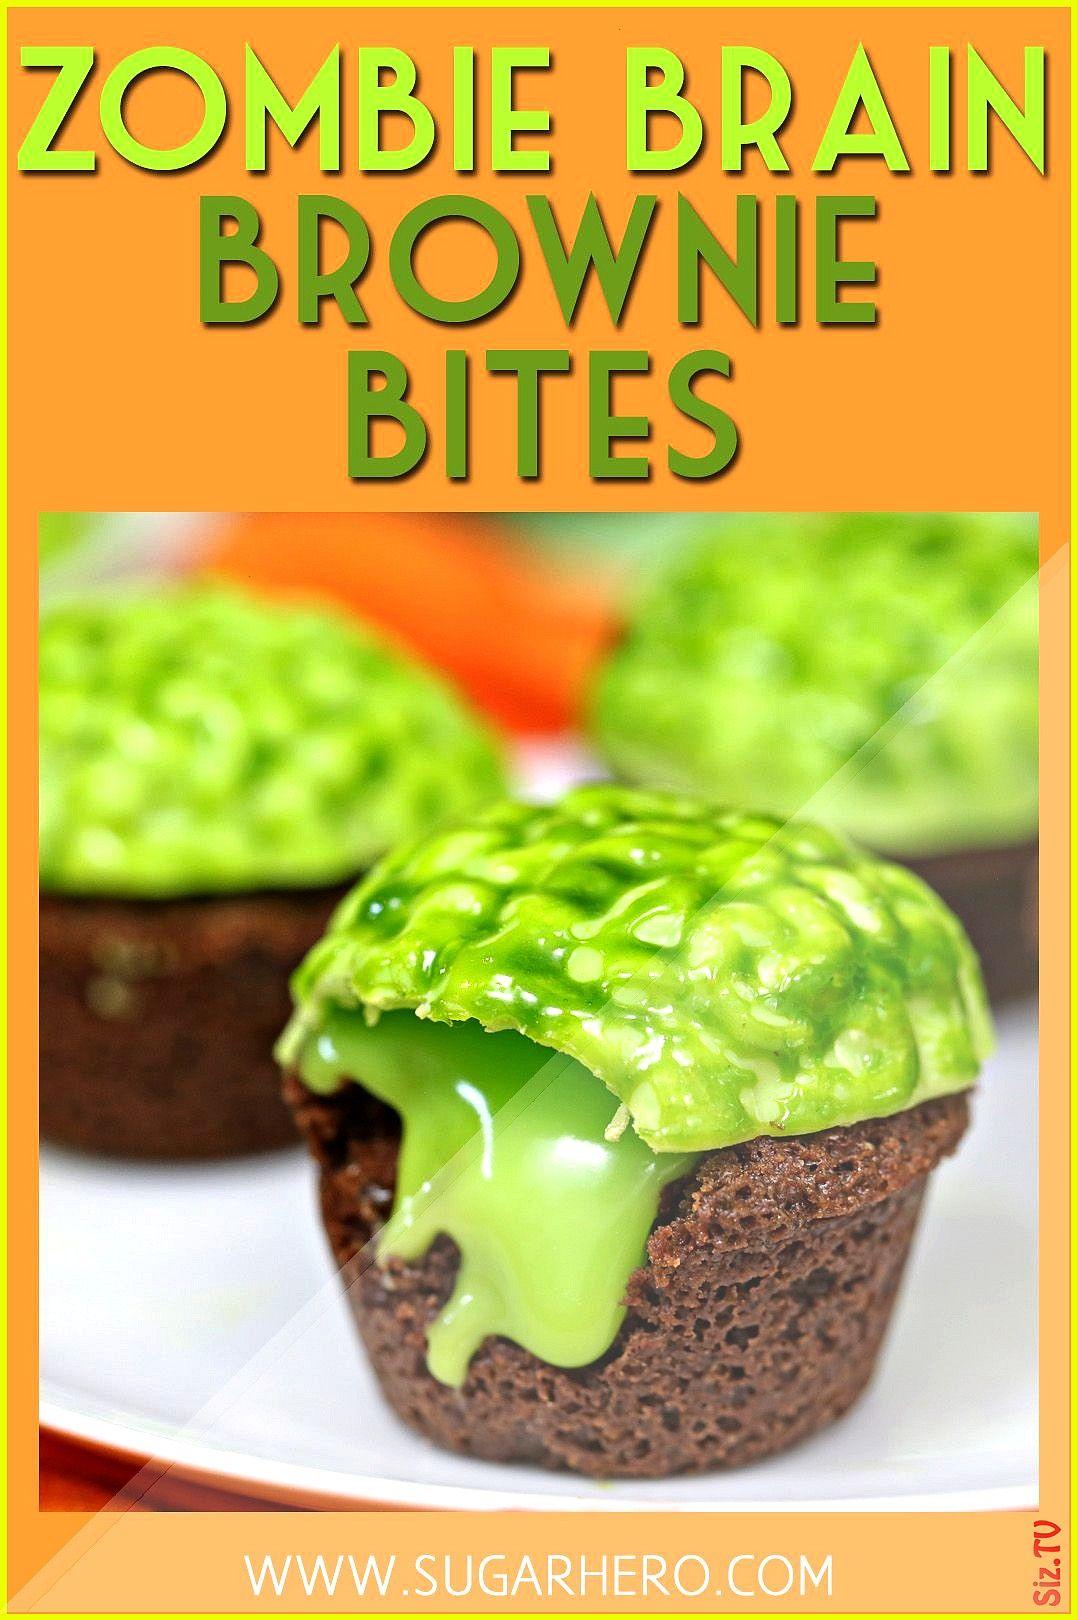 Brain Brownie Bites Video Zombie Brain Brownie Bites Video SugarHero  Elizabeth LaBau SugarHero  El